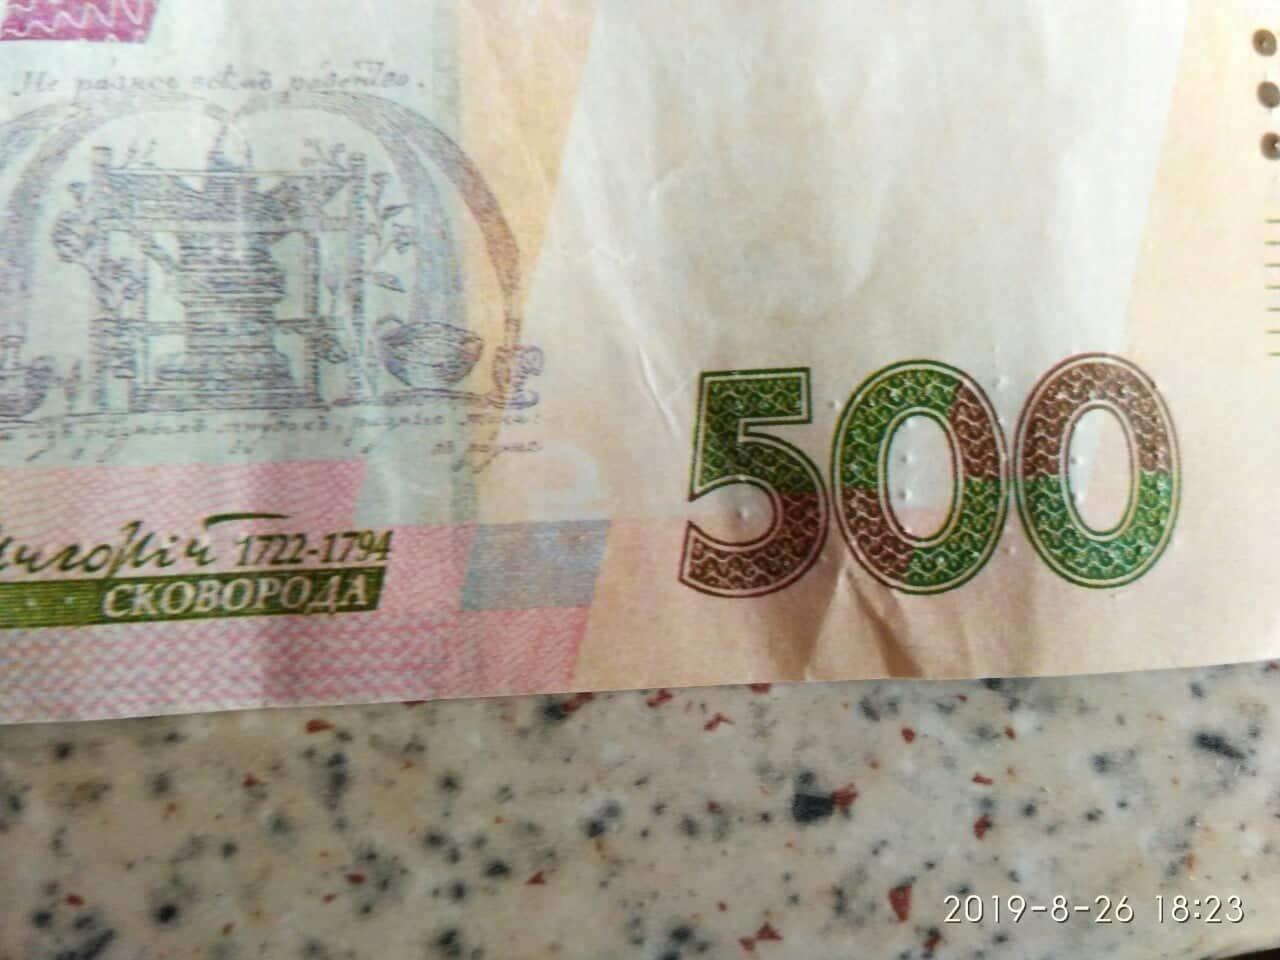 500 гривень - на згадку: На Закарпатті з`явились фальшиві банкноти (ФОТО) , фото-3